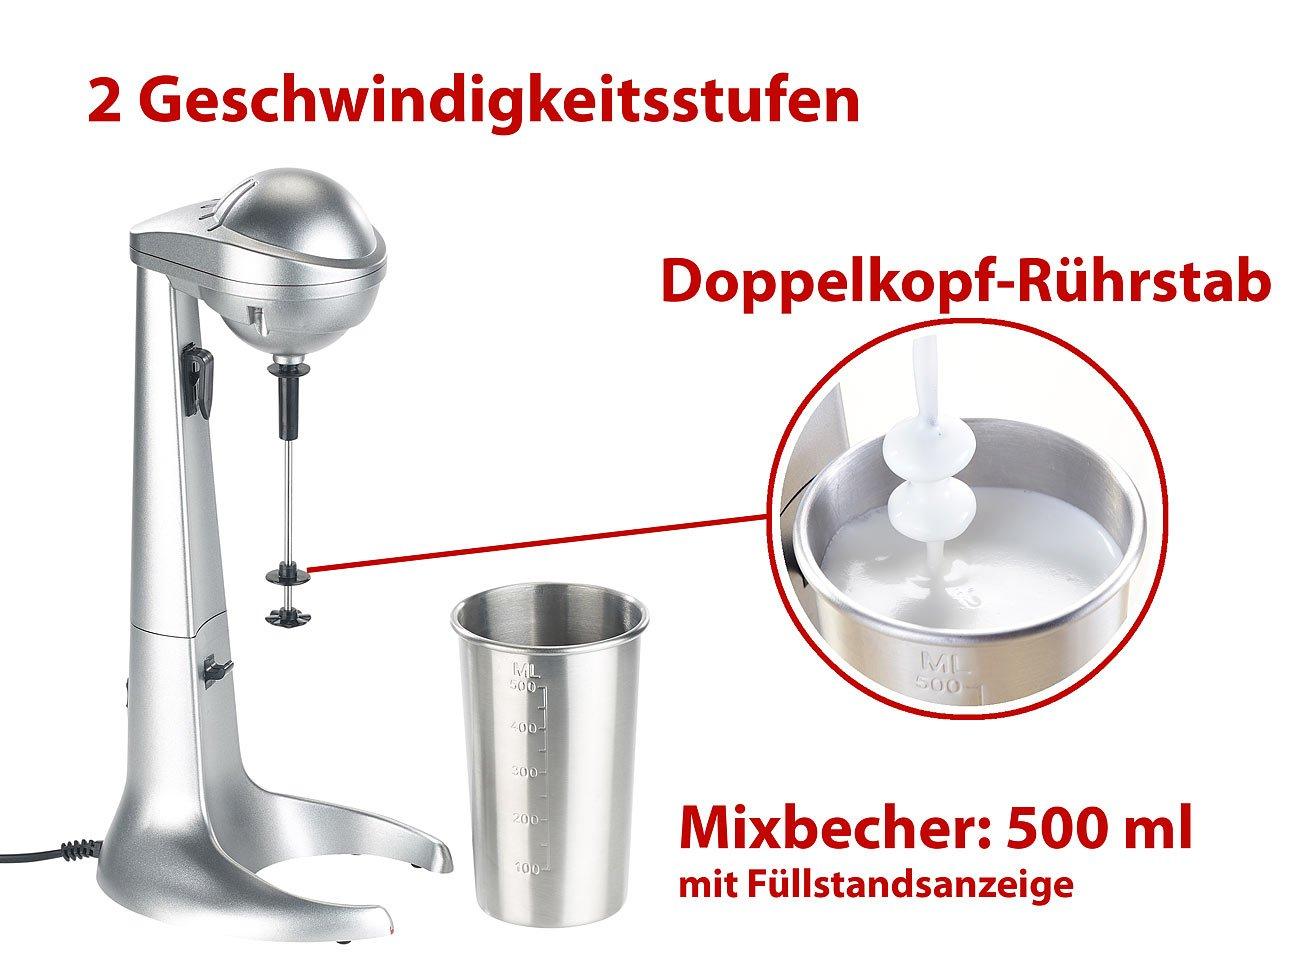 Rosenstein-Shne-Milchshaker-Elektrischer-Drink-Mixer-mit-Edelstahl-Becher-65-Watt-Getrnkemixer